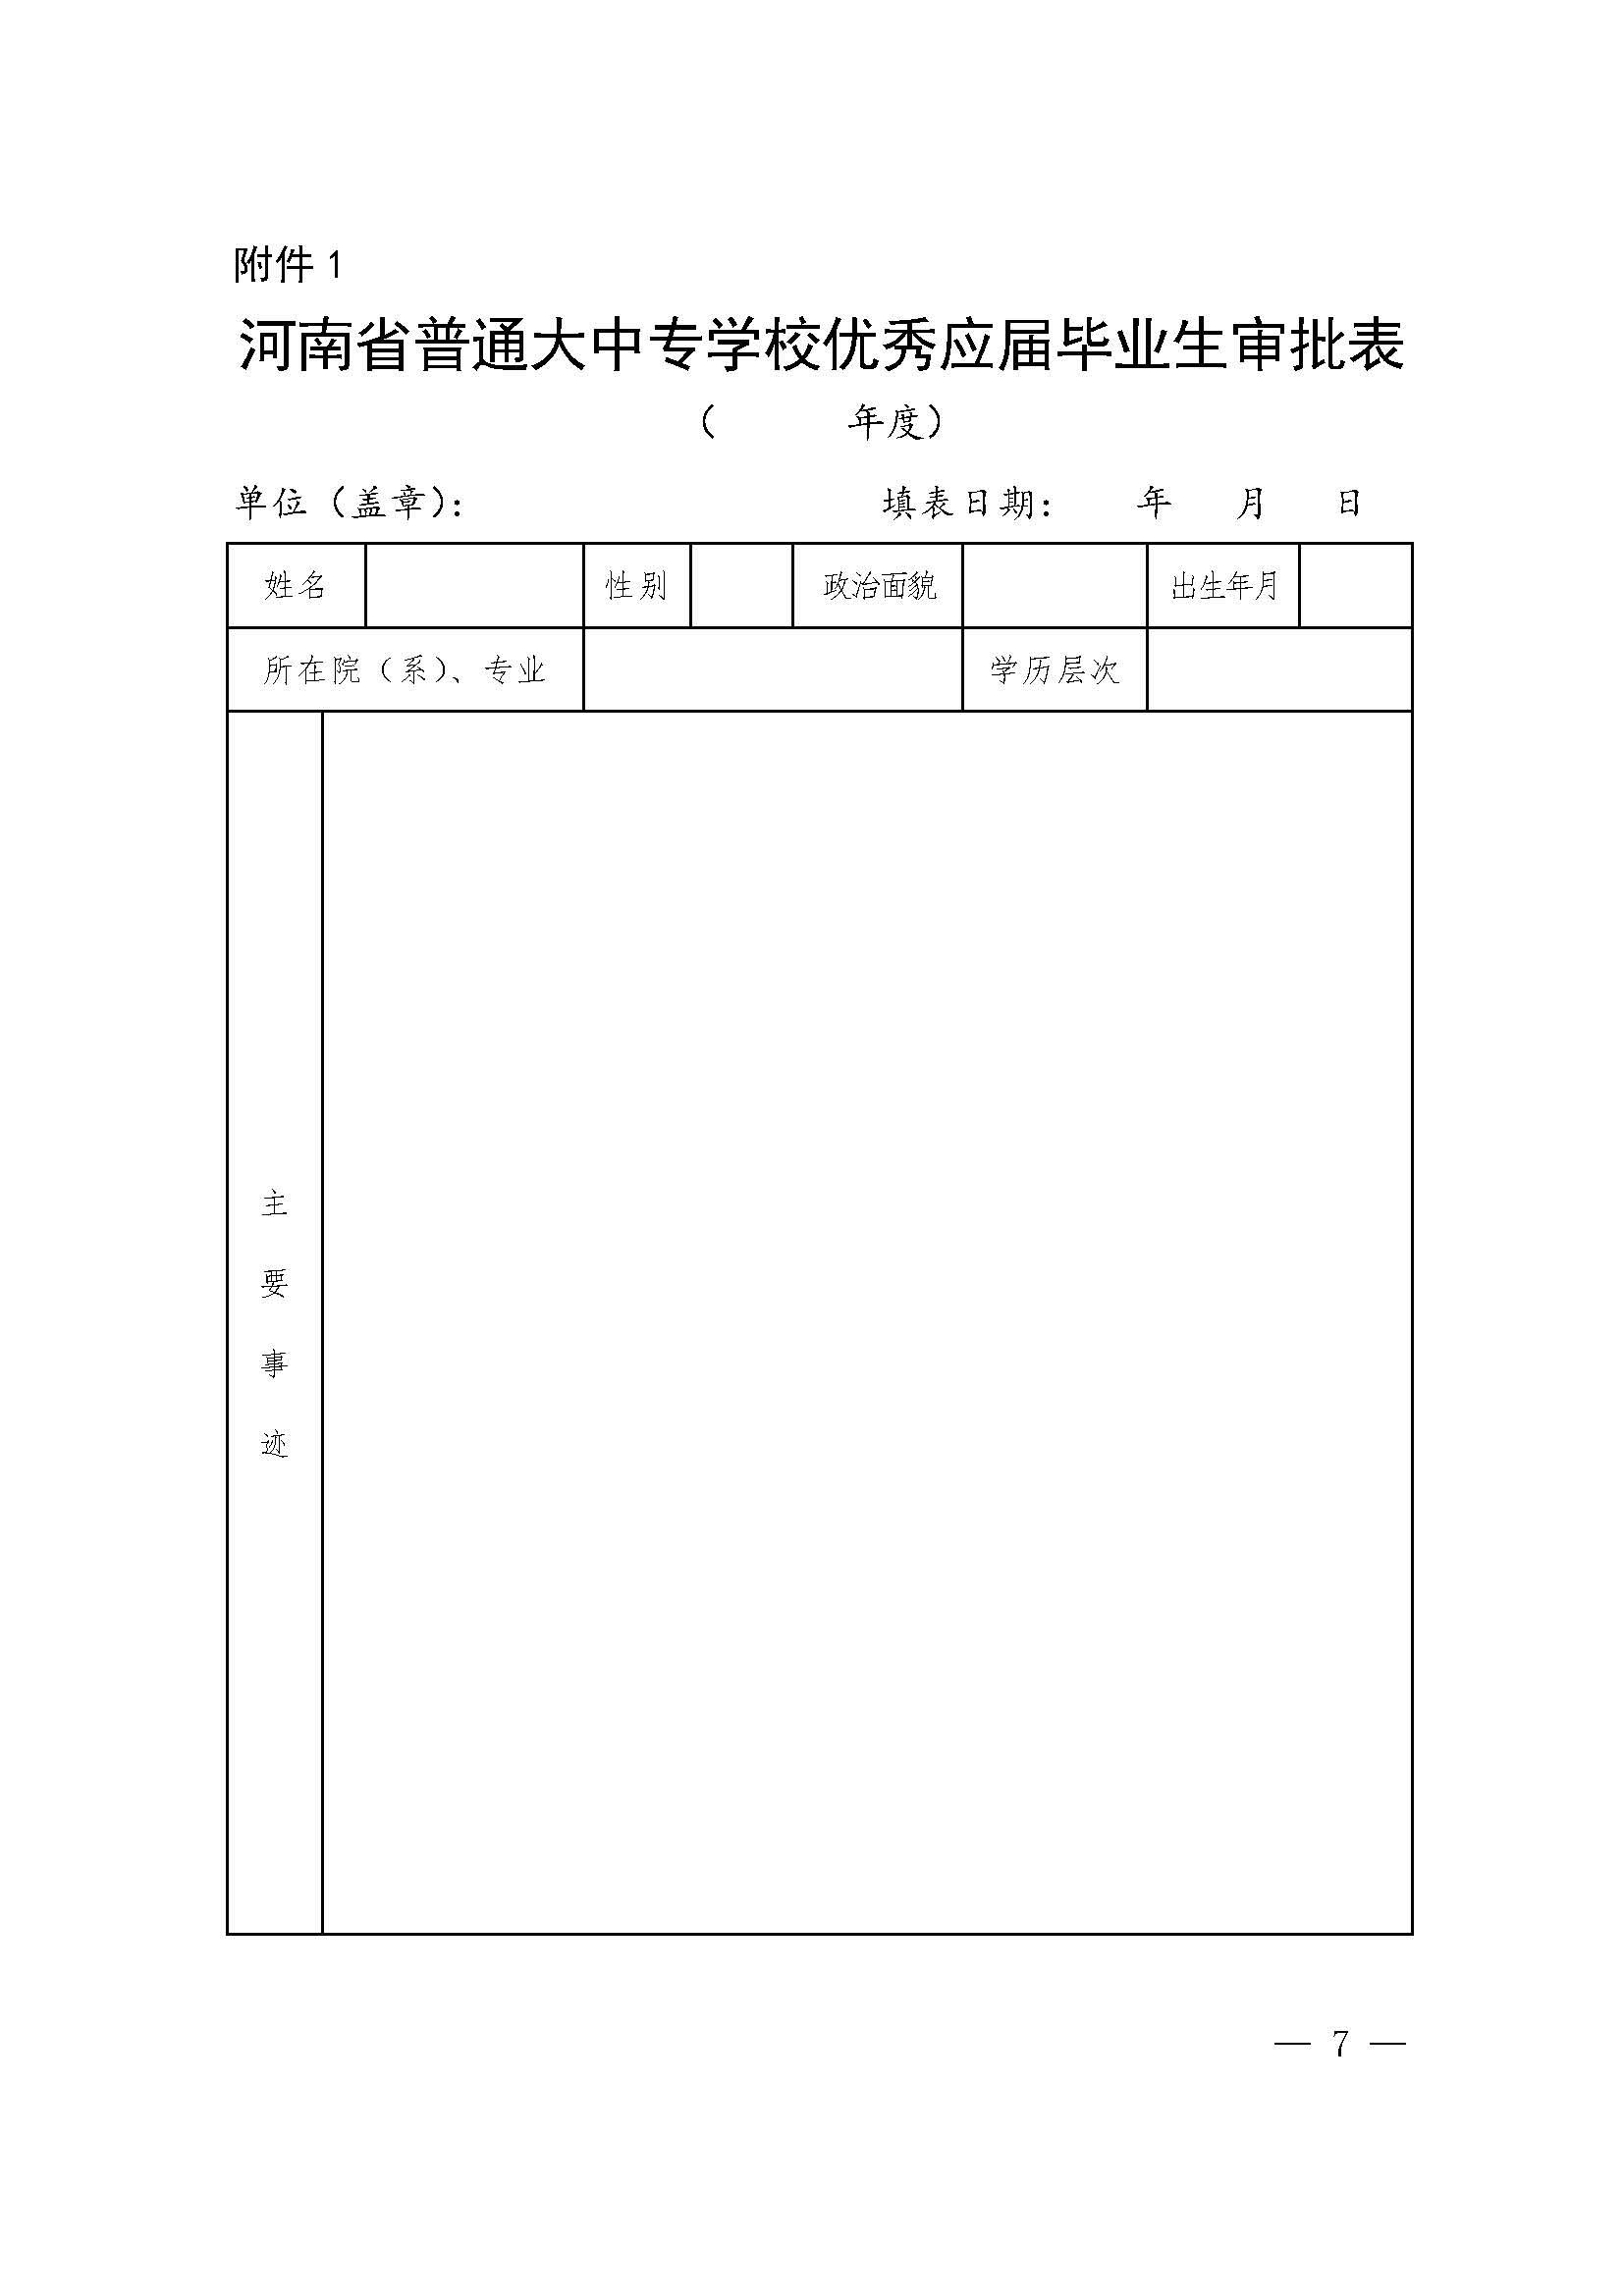 河南省教育厅办公室关于评选河南省普通大中专学校2021年优秀应届毕业生的通知_页面_07.jpg